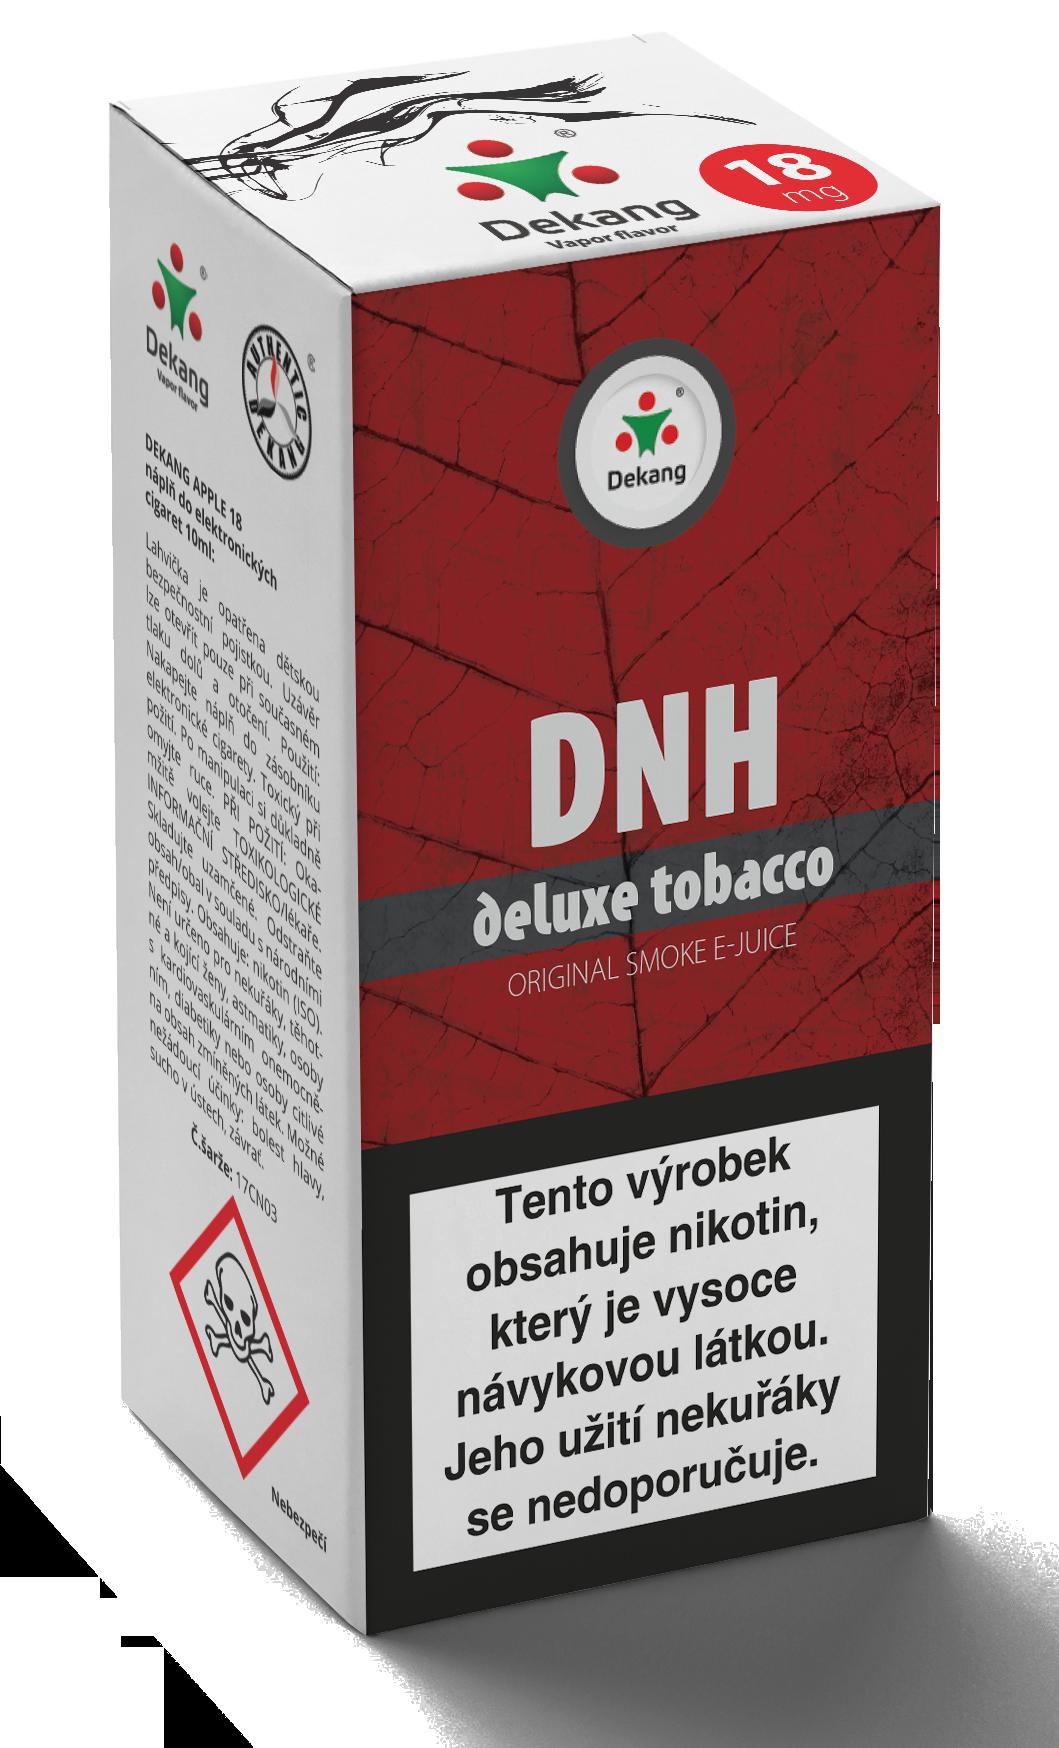 E-liquid Dekang 10ml DNH - deluxe tobacco Množství nikotinu: 0mg